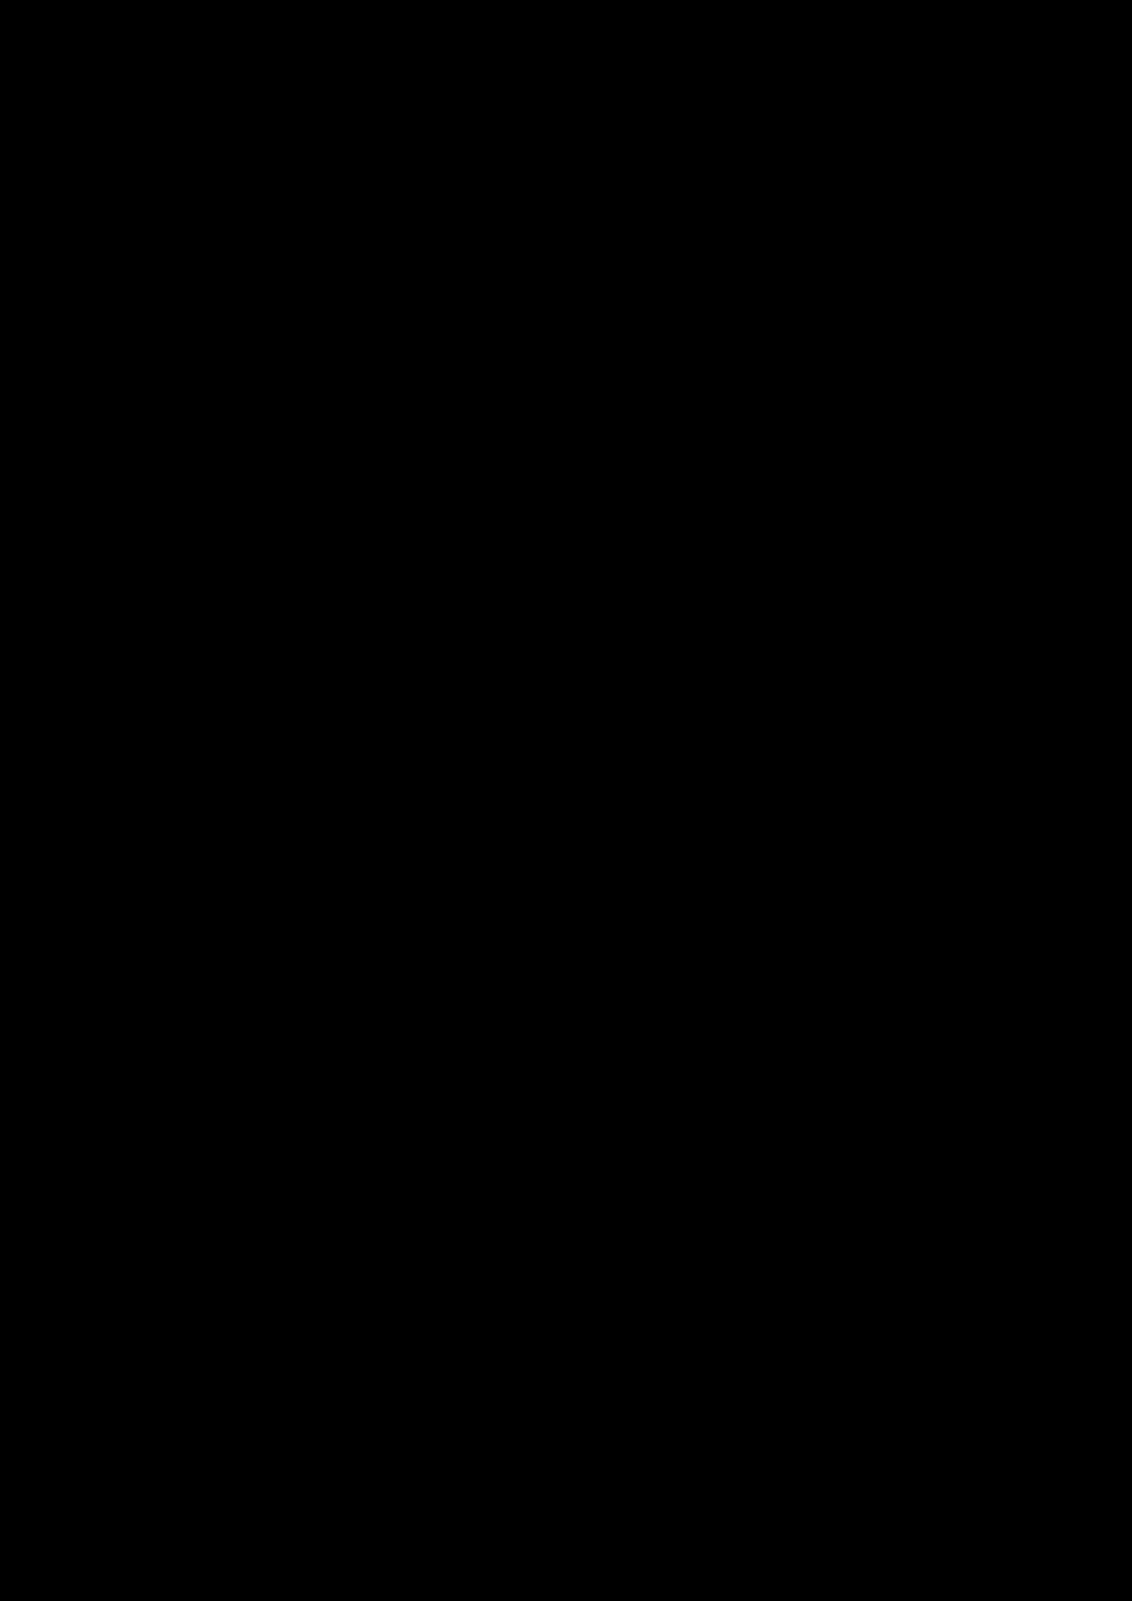 Serdtse slide, Image 53